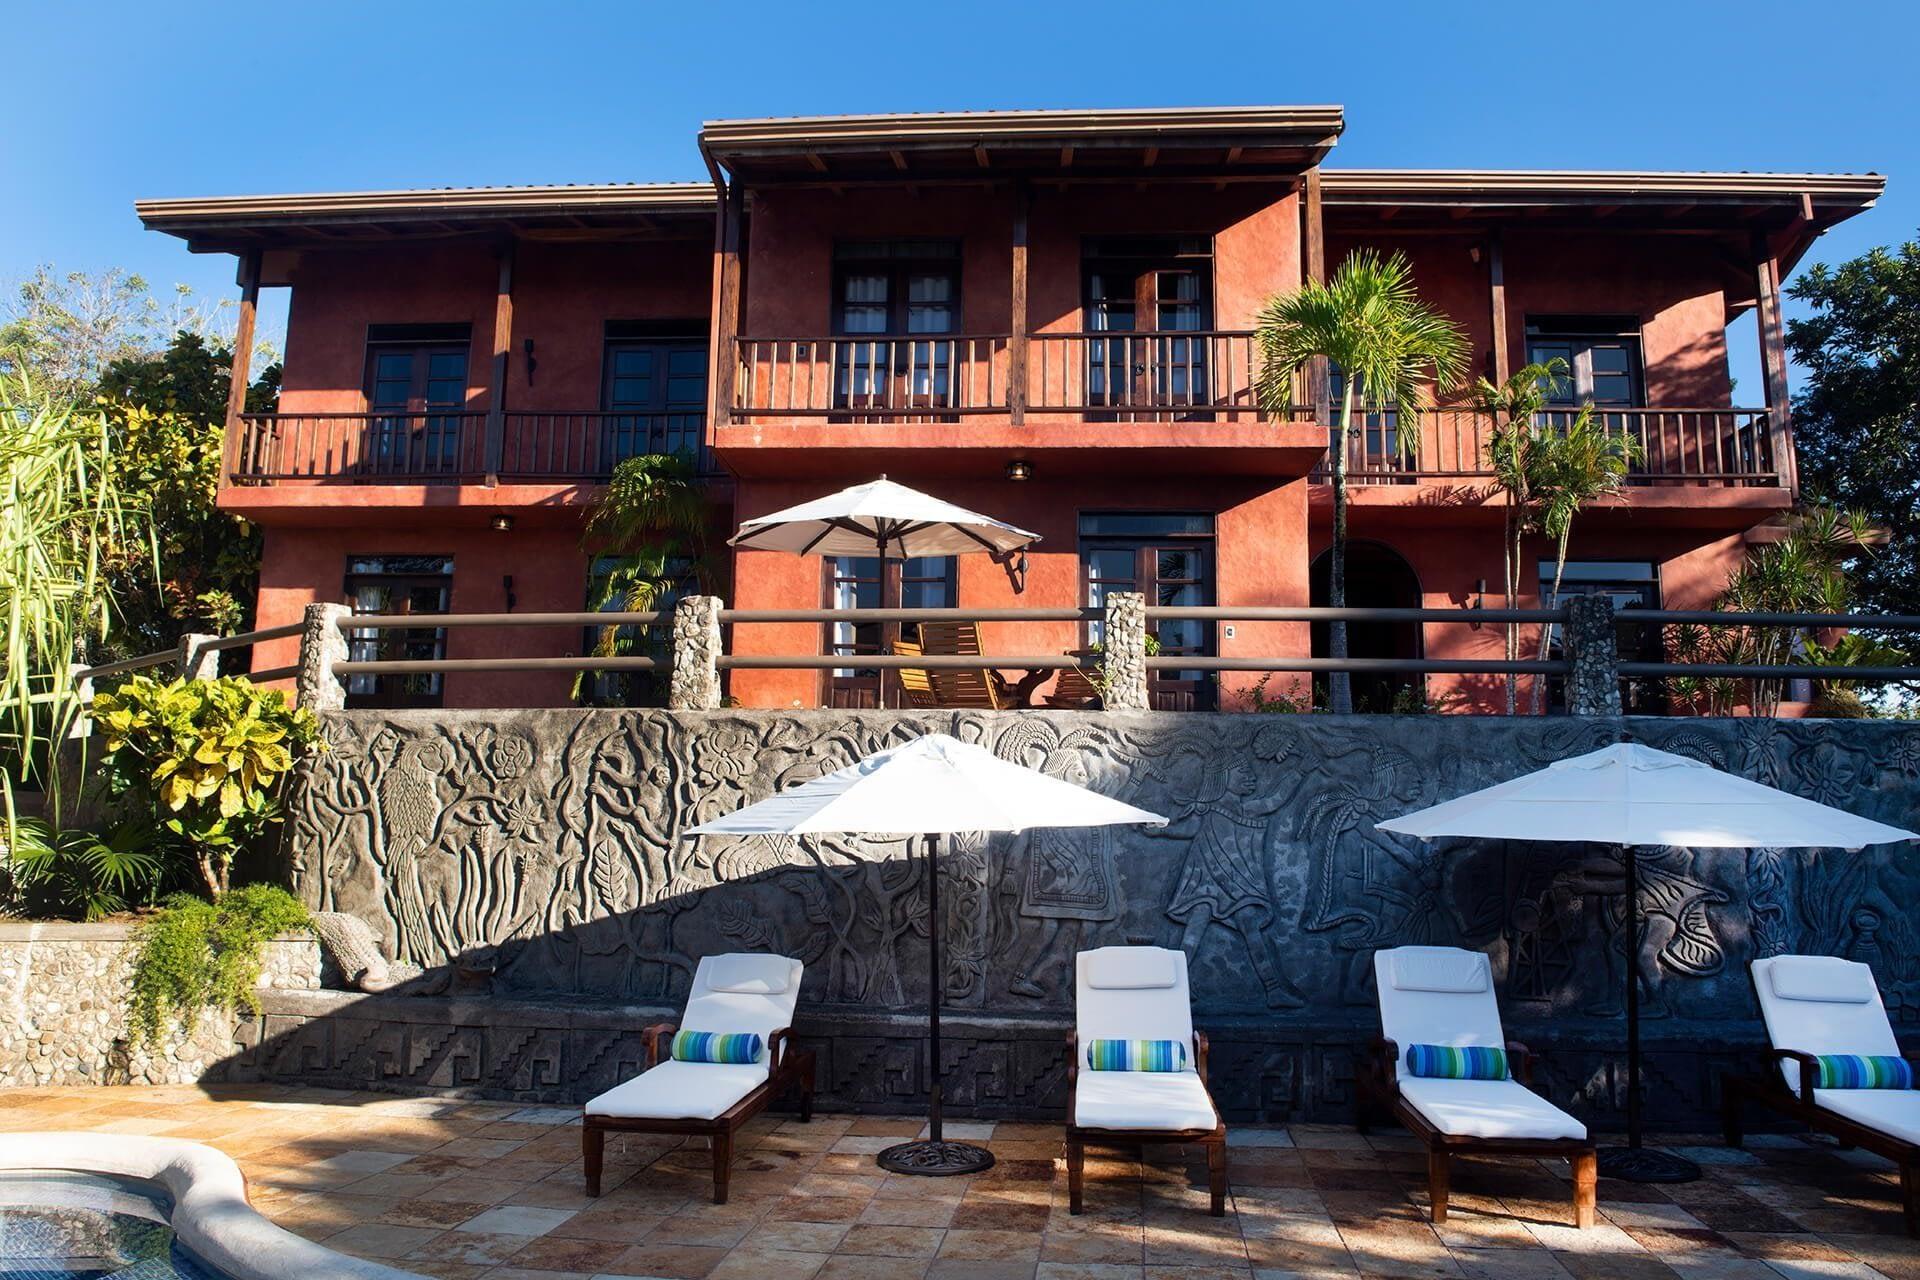 Hacienda Barrigona Villa Guanacaste Experience